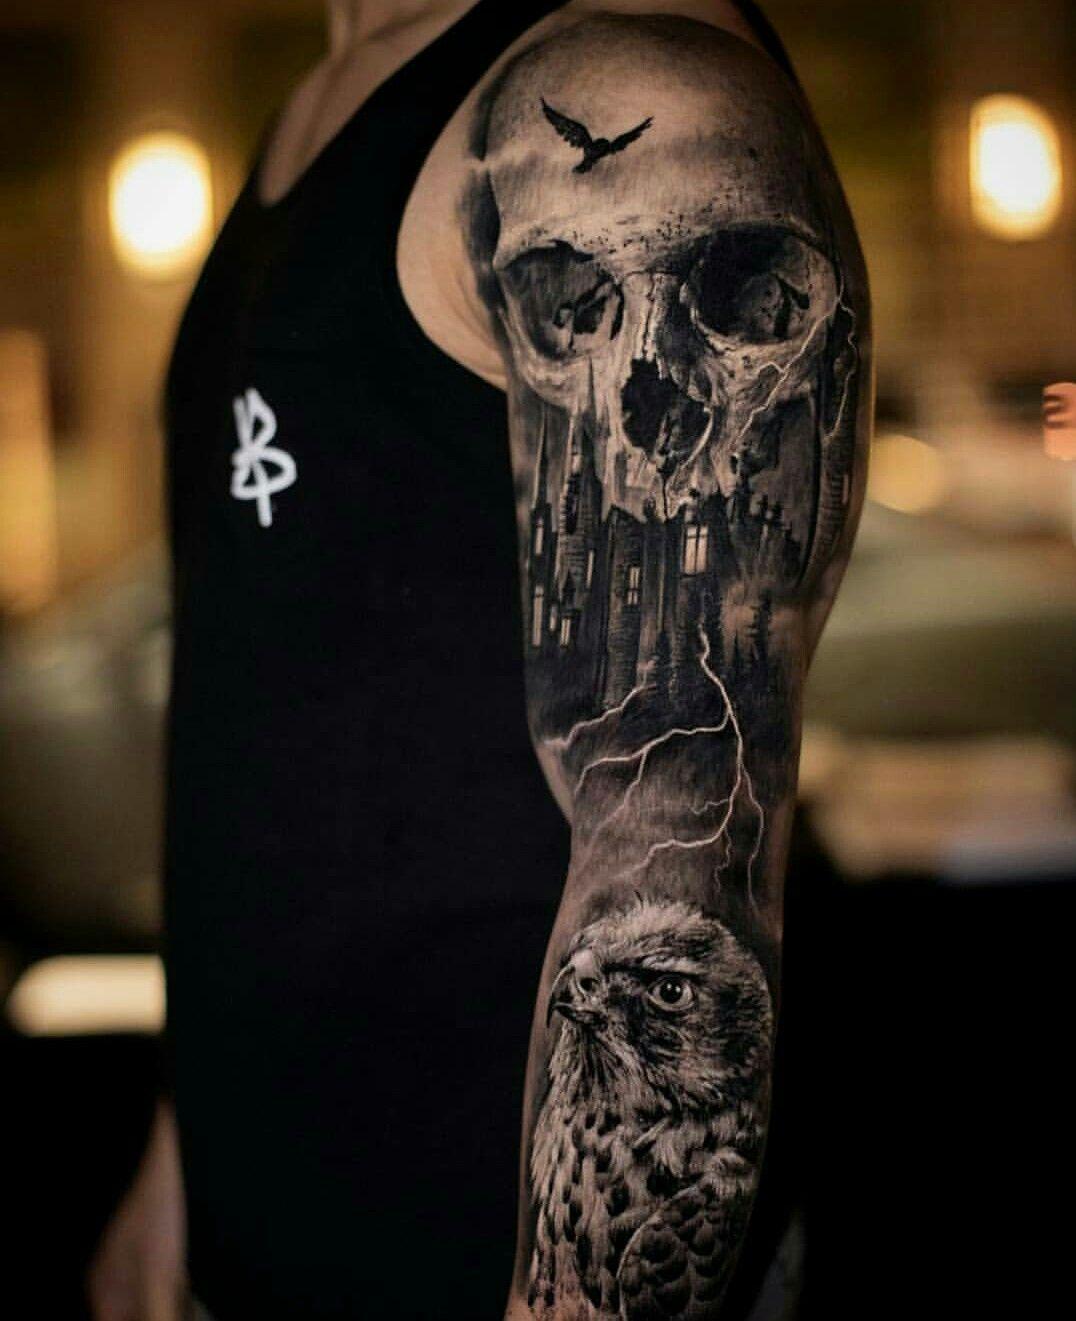 db7c1fb66a6a5 #tattoo #tattoos #follow4follow #inkedup #tattooartist #tattooart #ink # inked #inspiration #idea #followforfollow #girlswithtattoos  #guyswithtattoos # ...